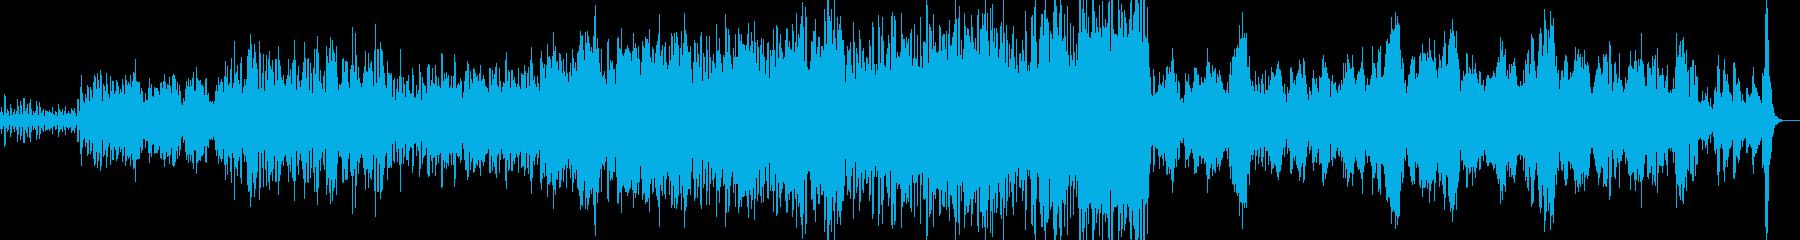 ワルツ 弦楽器のみの再生済みの波形